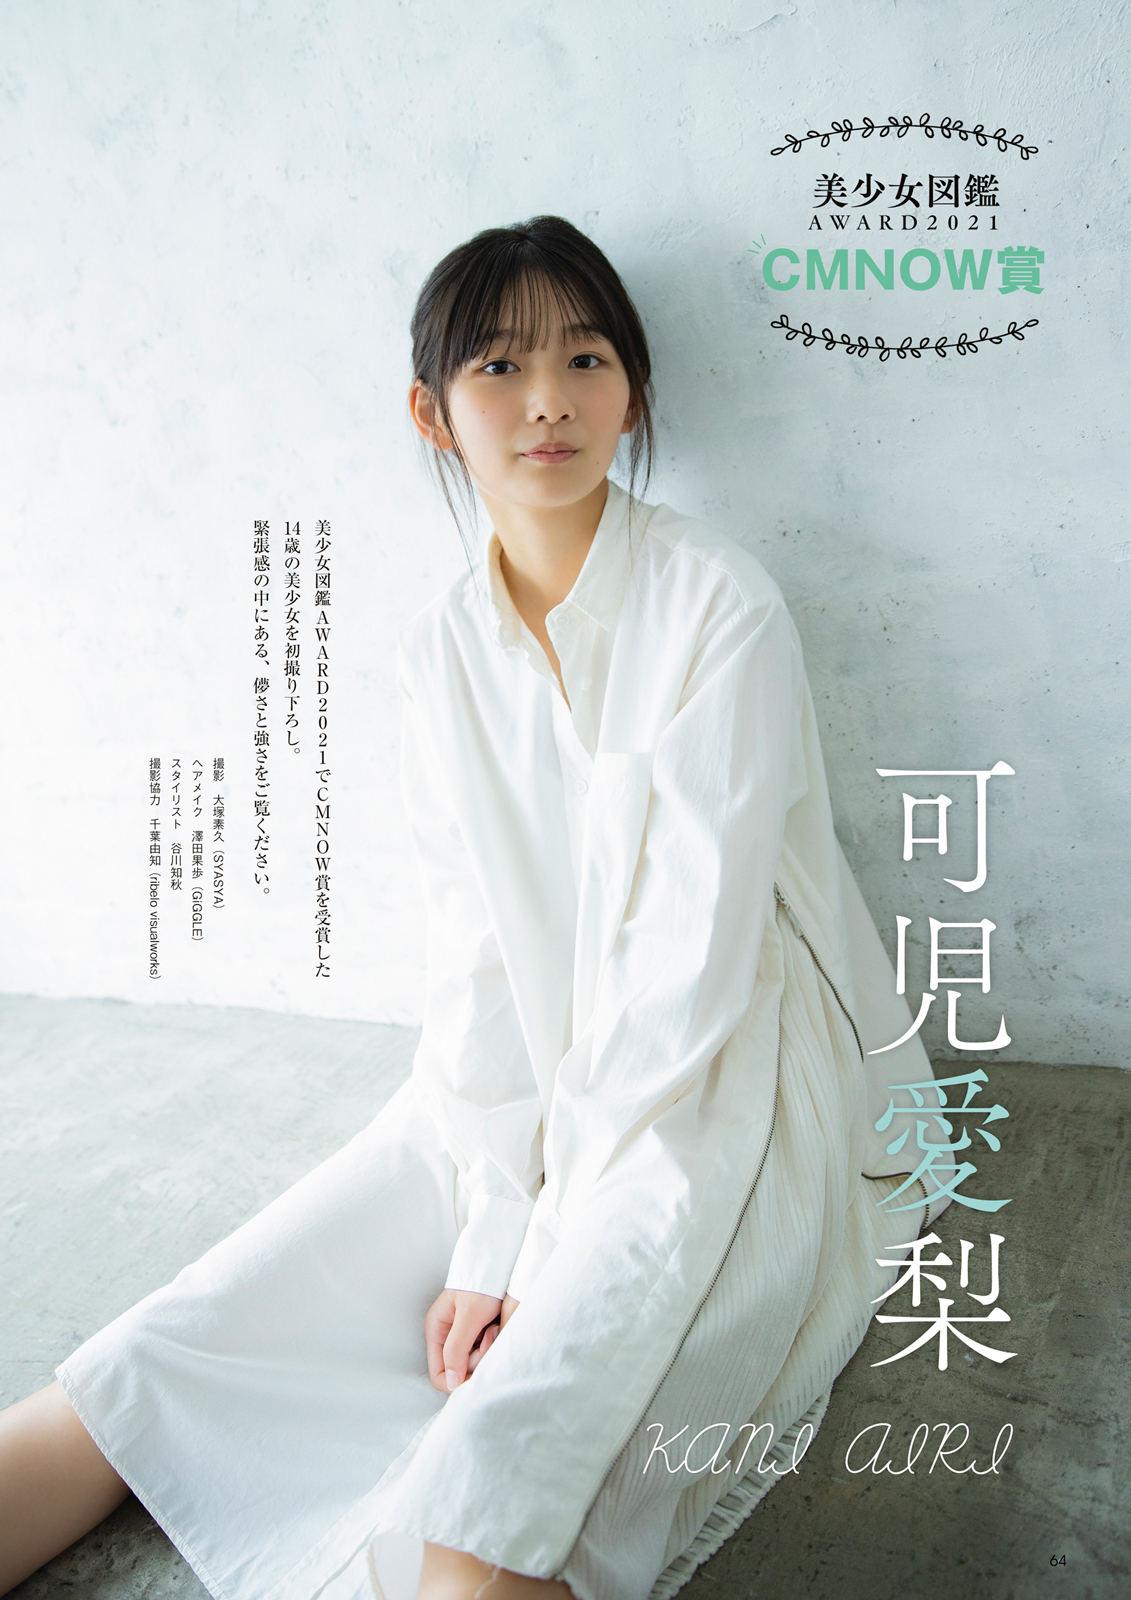 可児愛梨「CMNOW」vol.212